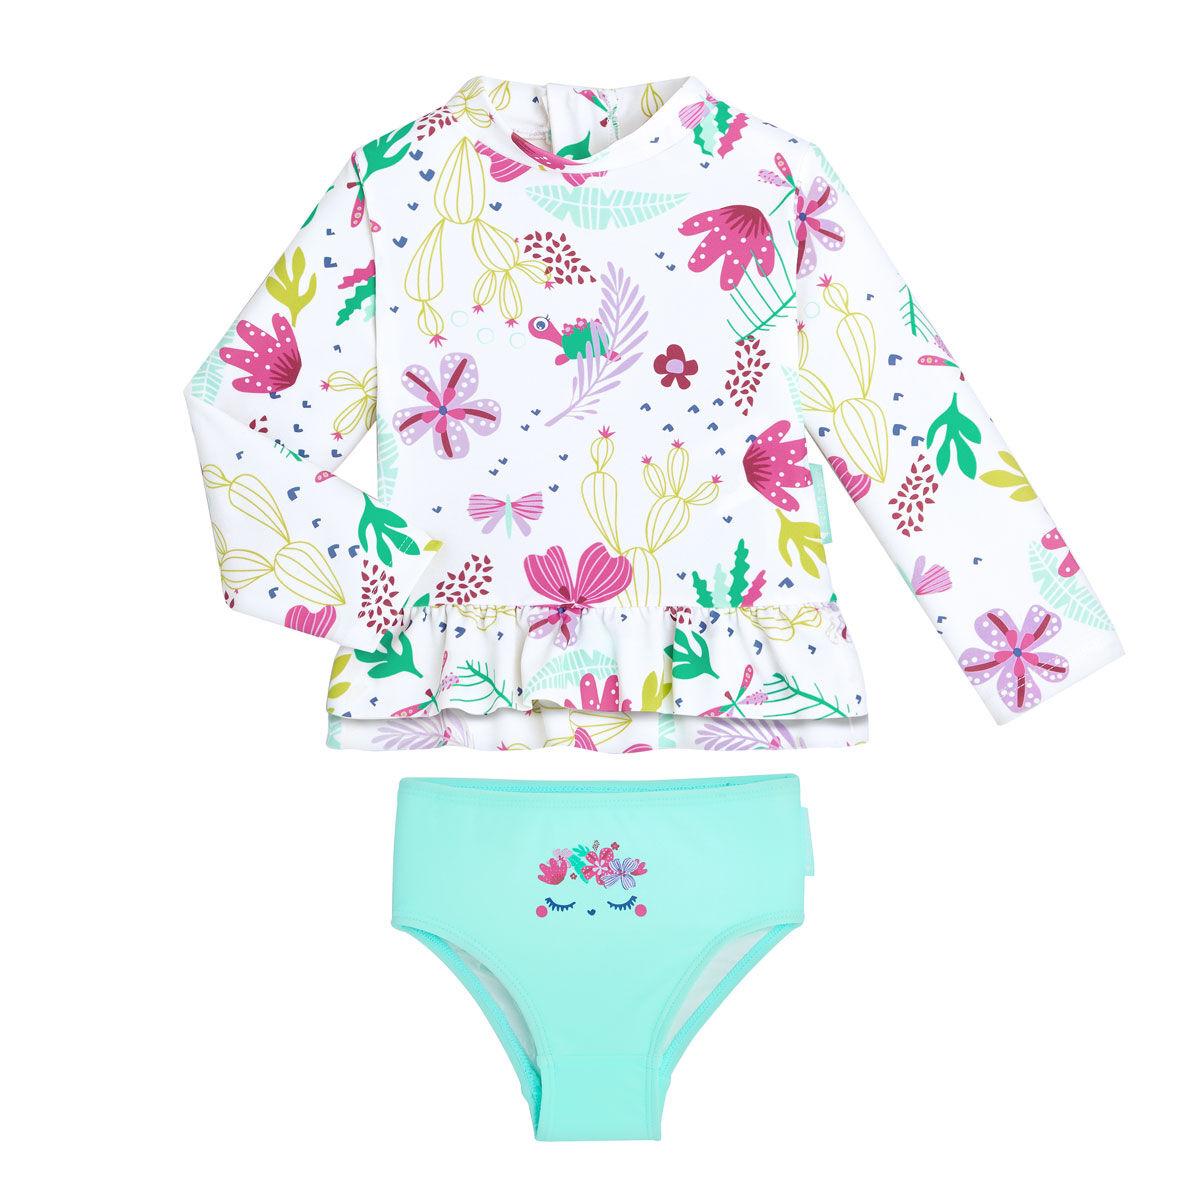 Petit Béguin Maillot de bain ANTI-UV fille 2 pièces t-shirt & culotte Tropic Coco - Taille - 6 mois